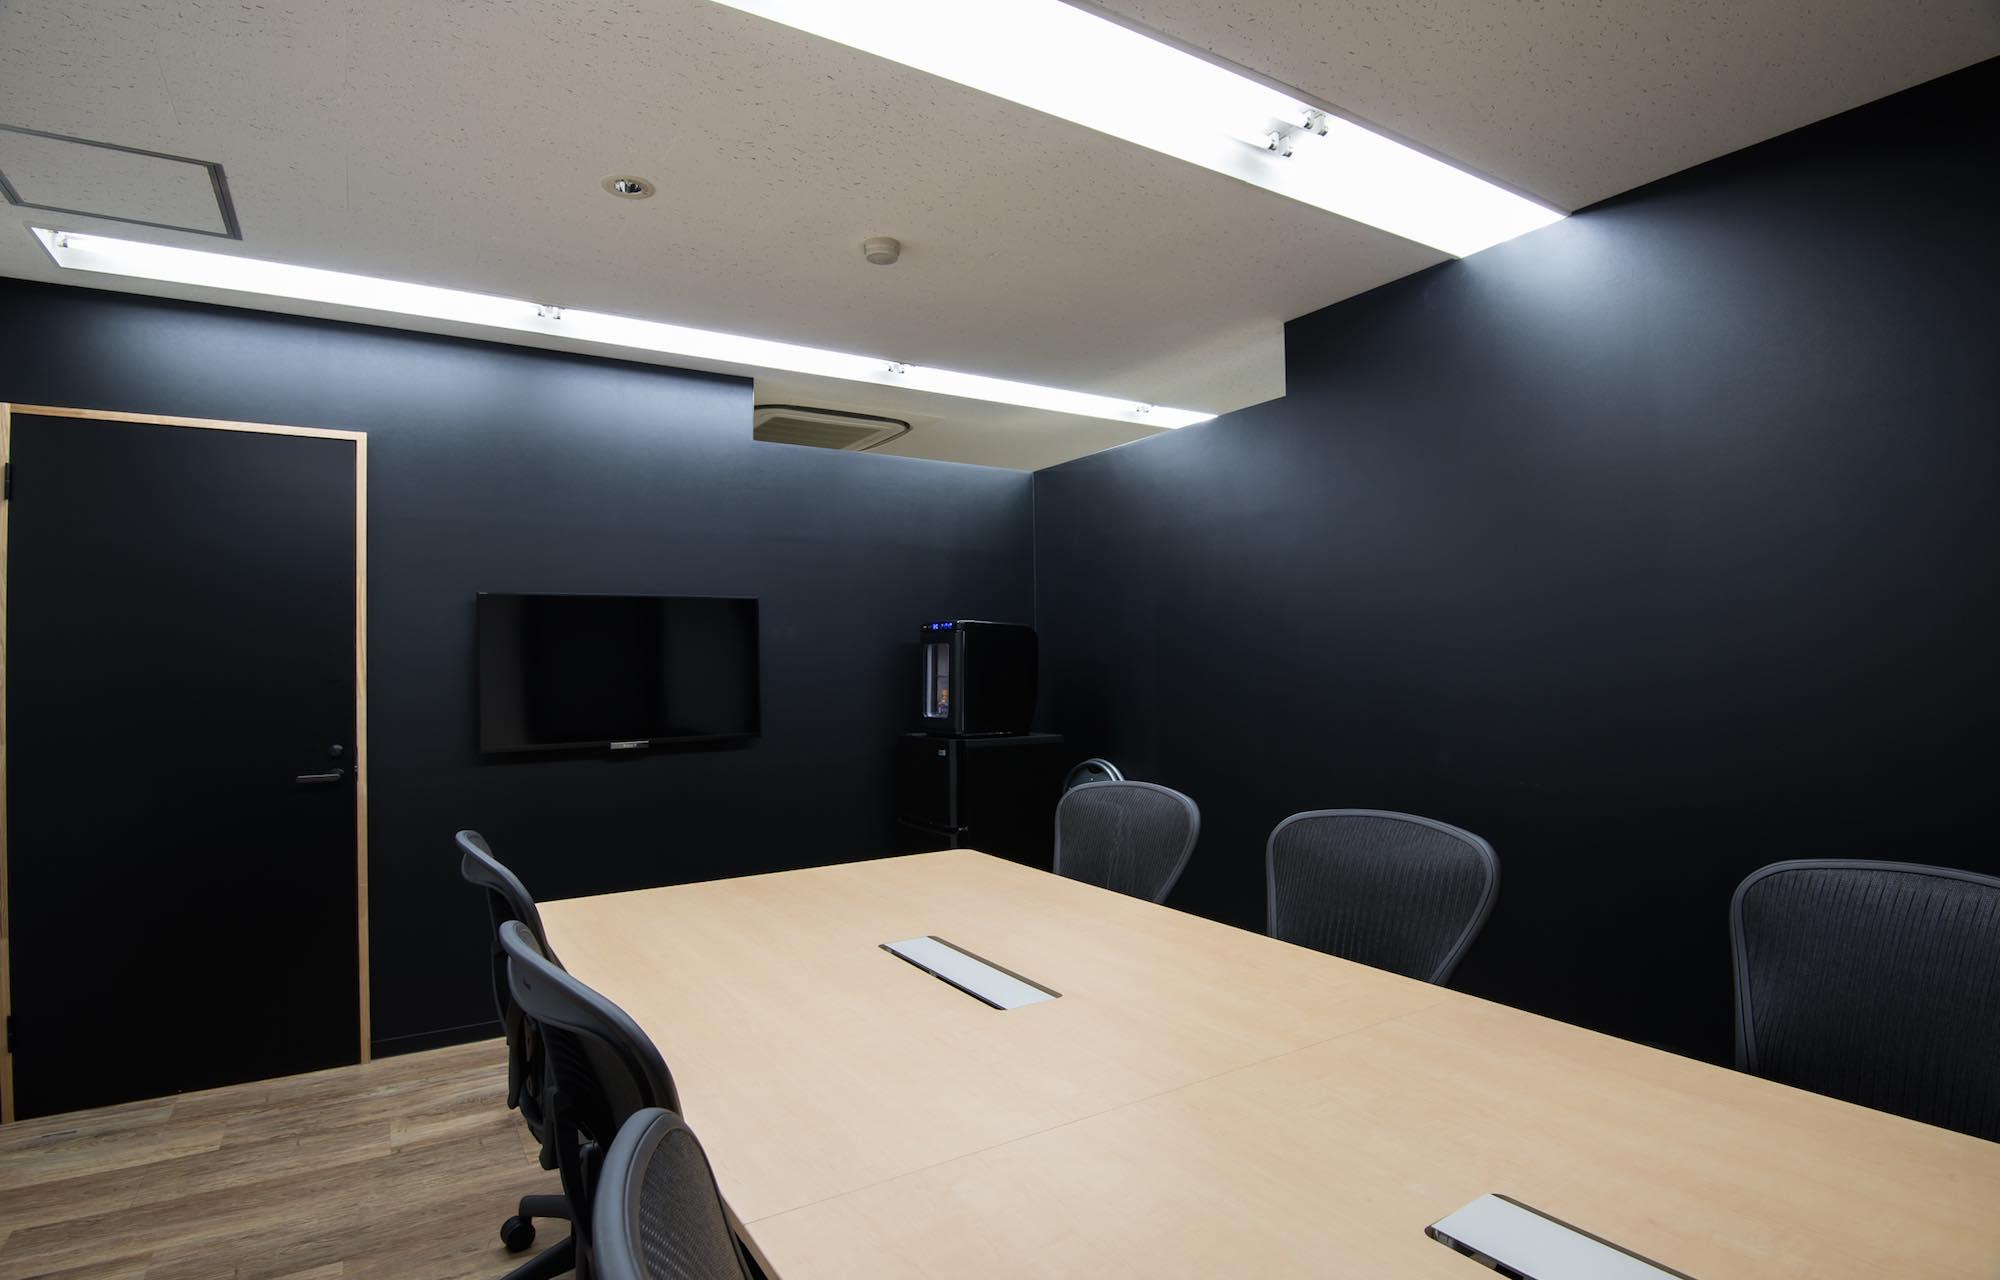 株式会社アンダーチュア Meeting Space デザイン・レイアウト事例